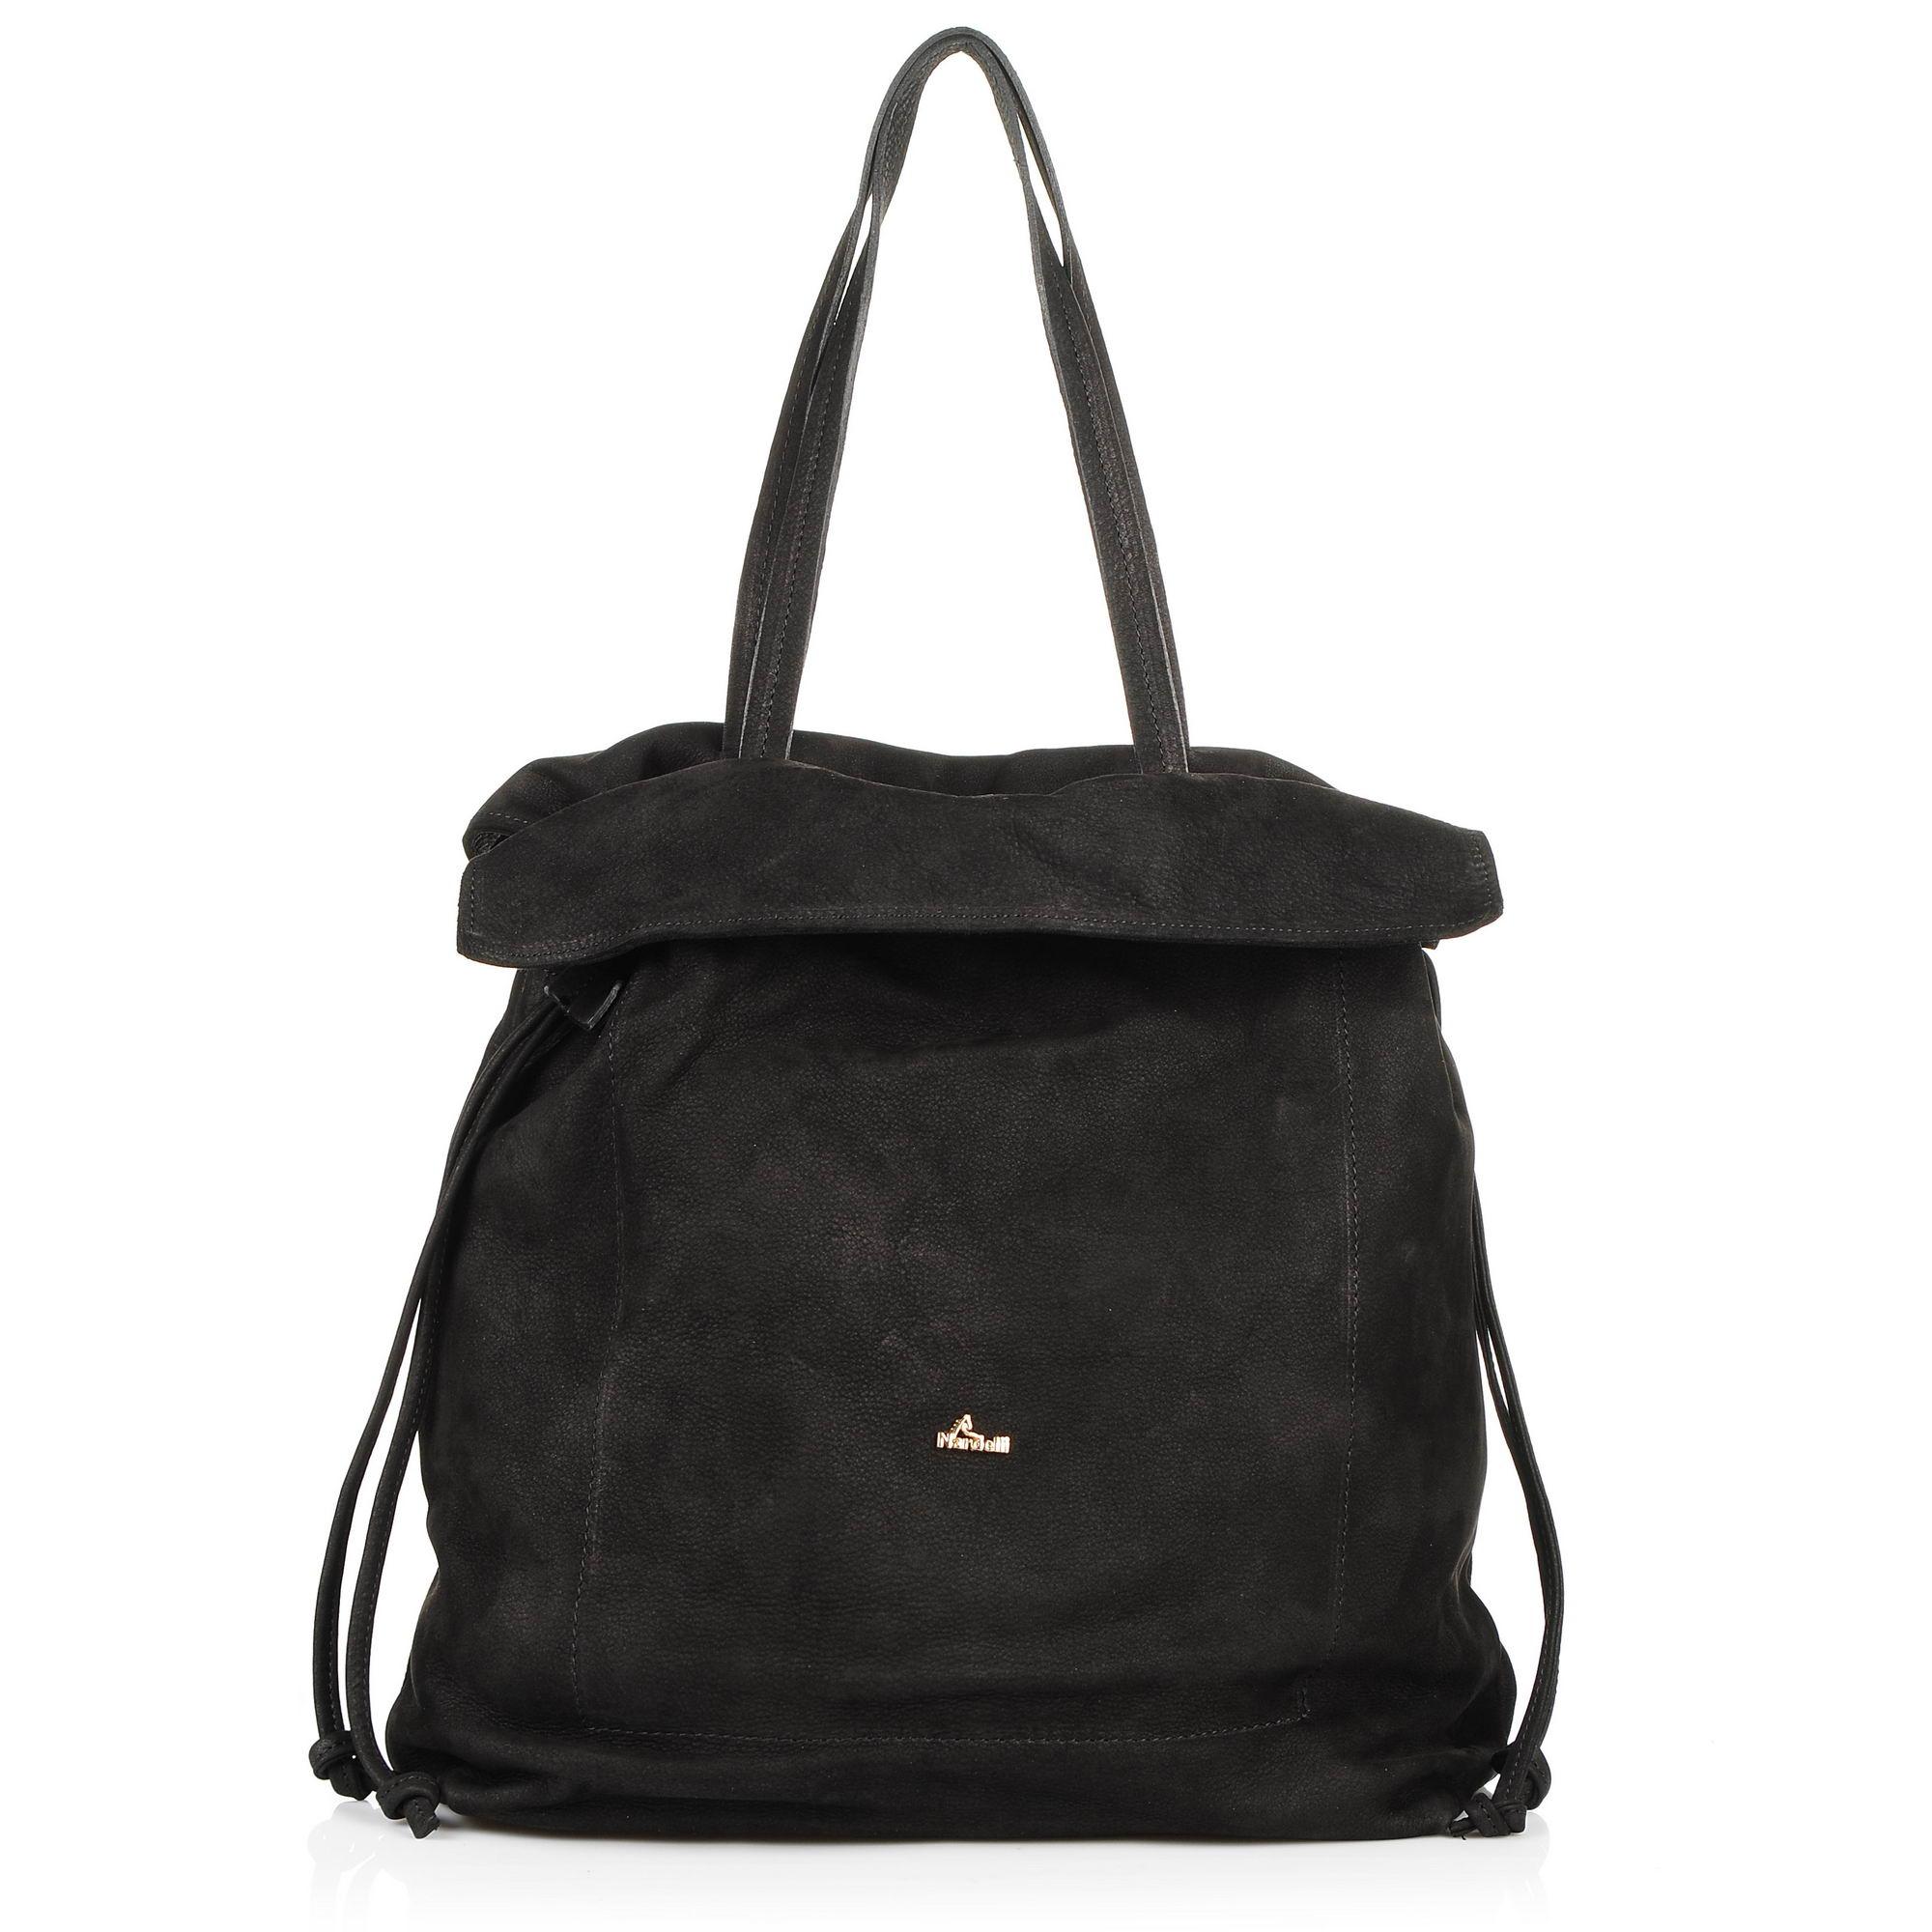 Δερμάτινη Τσάντα Ώμου Nardelli PF15